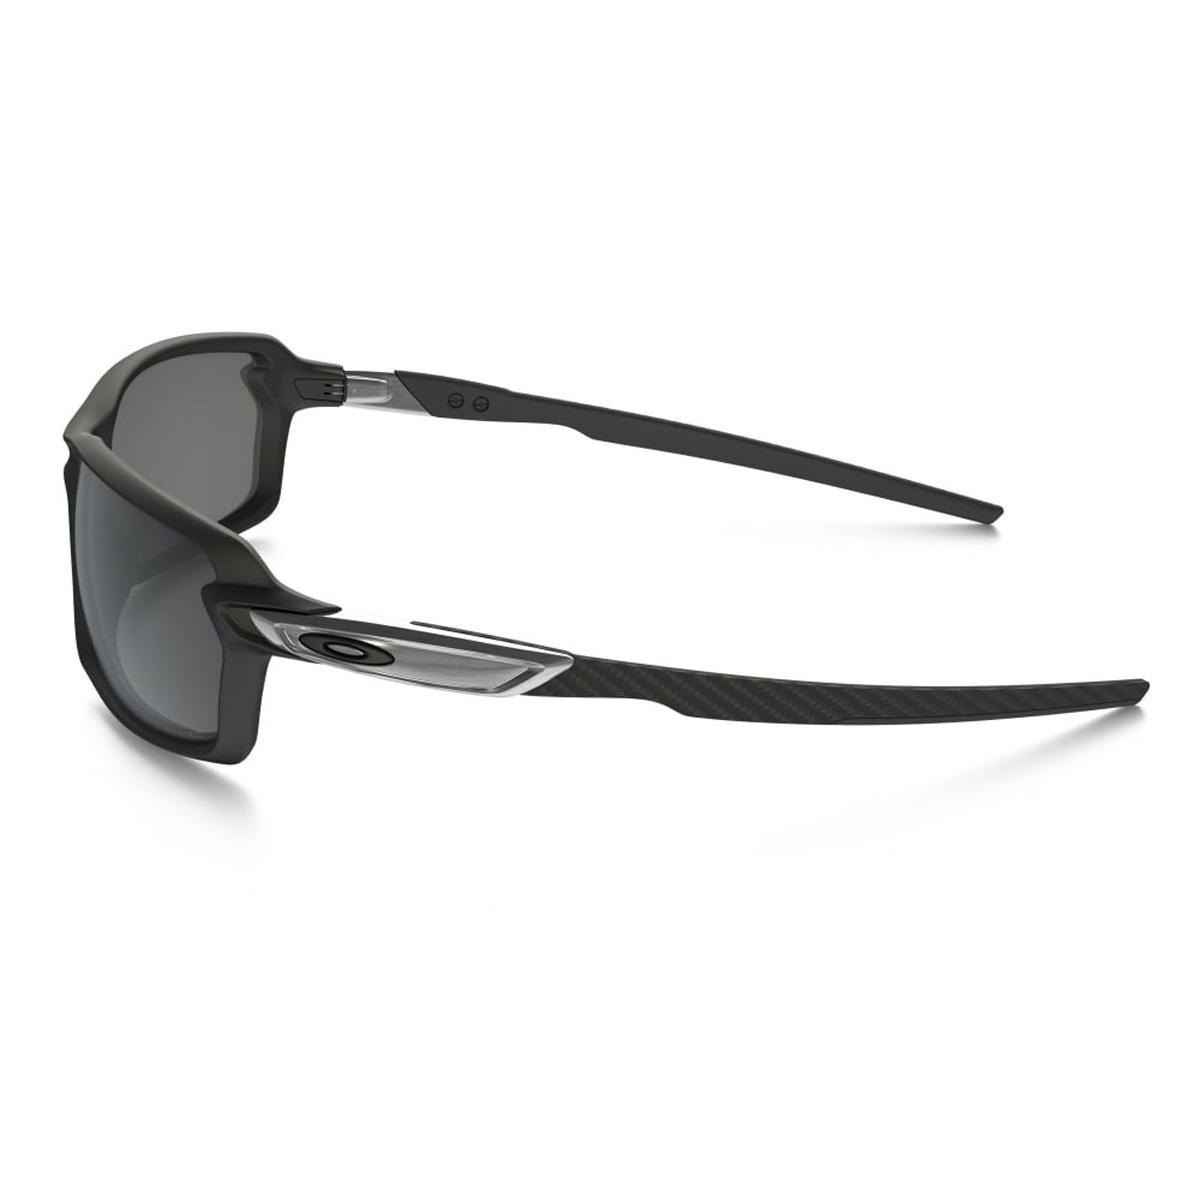 bbf782ff86 Sentinel Oakley Sunglasses - Carbon Shift - Matte Black